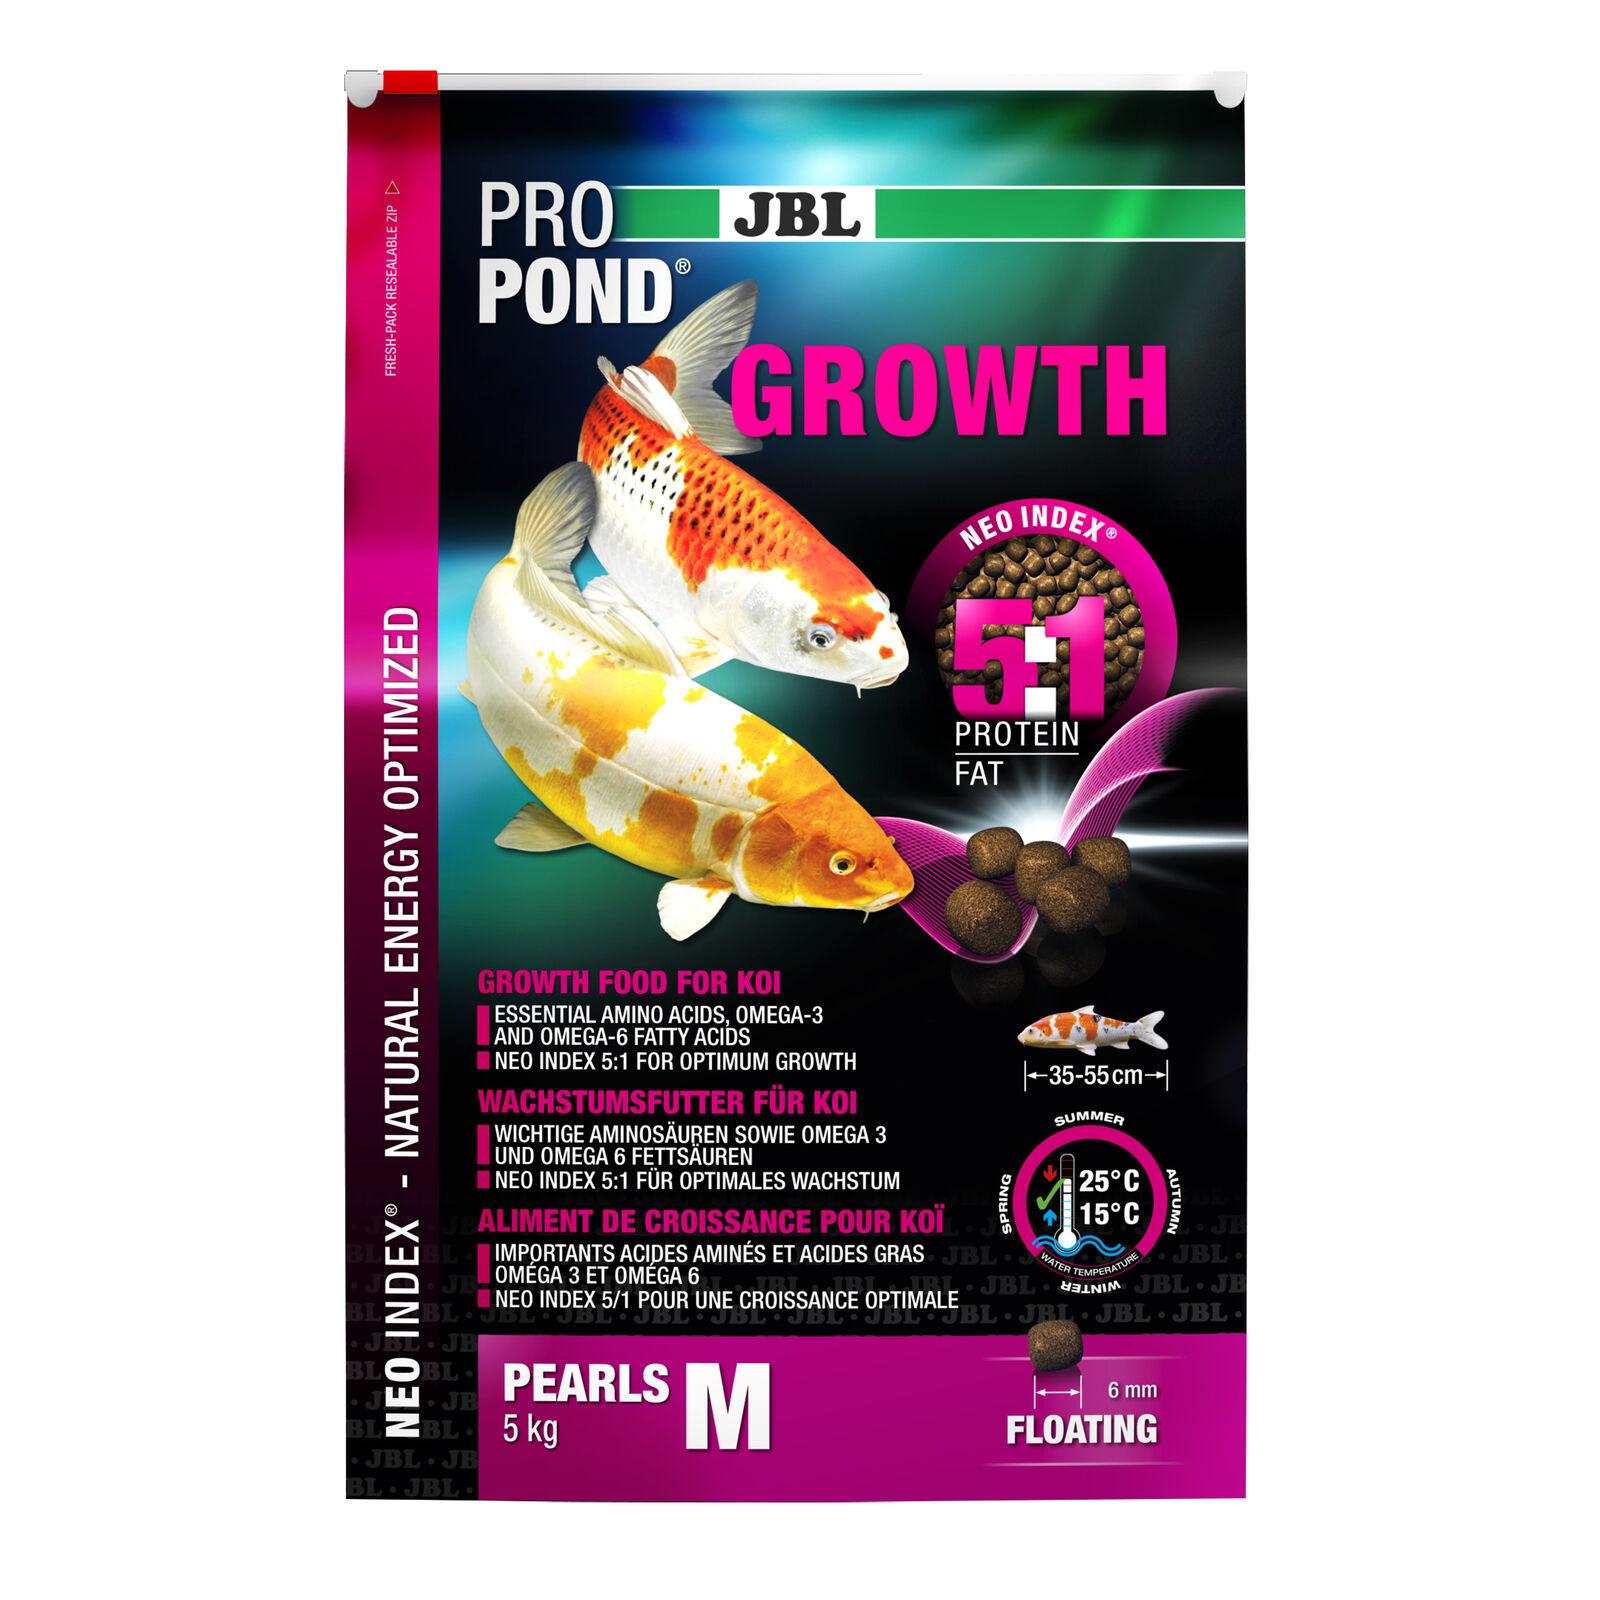 2 Pezzi JBL propond growth M, 2 x 5,0 kg, la crescita di mangimi per medie Koi